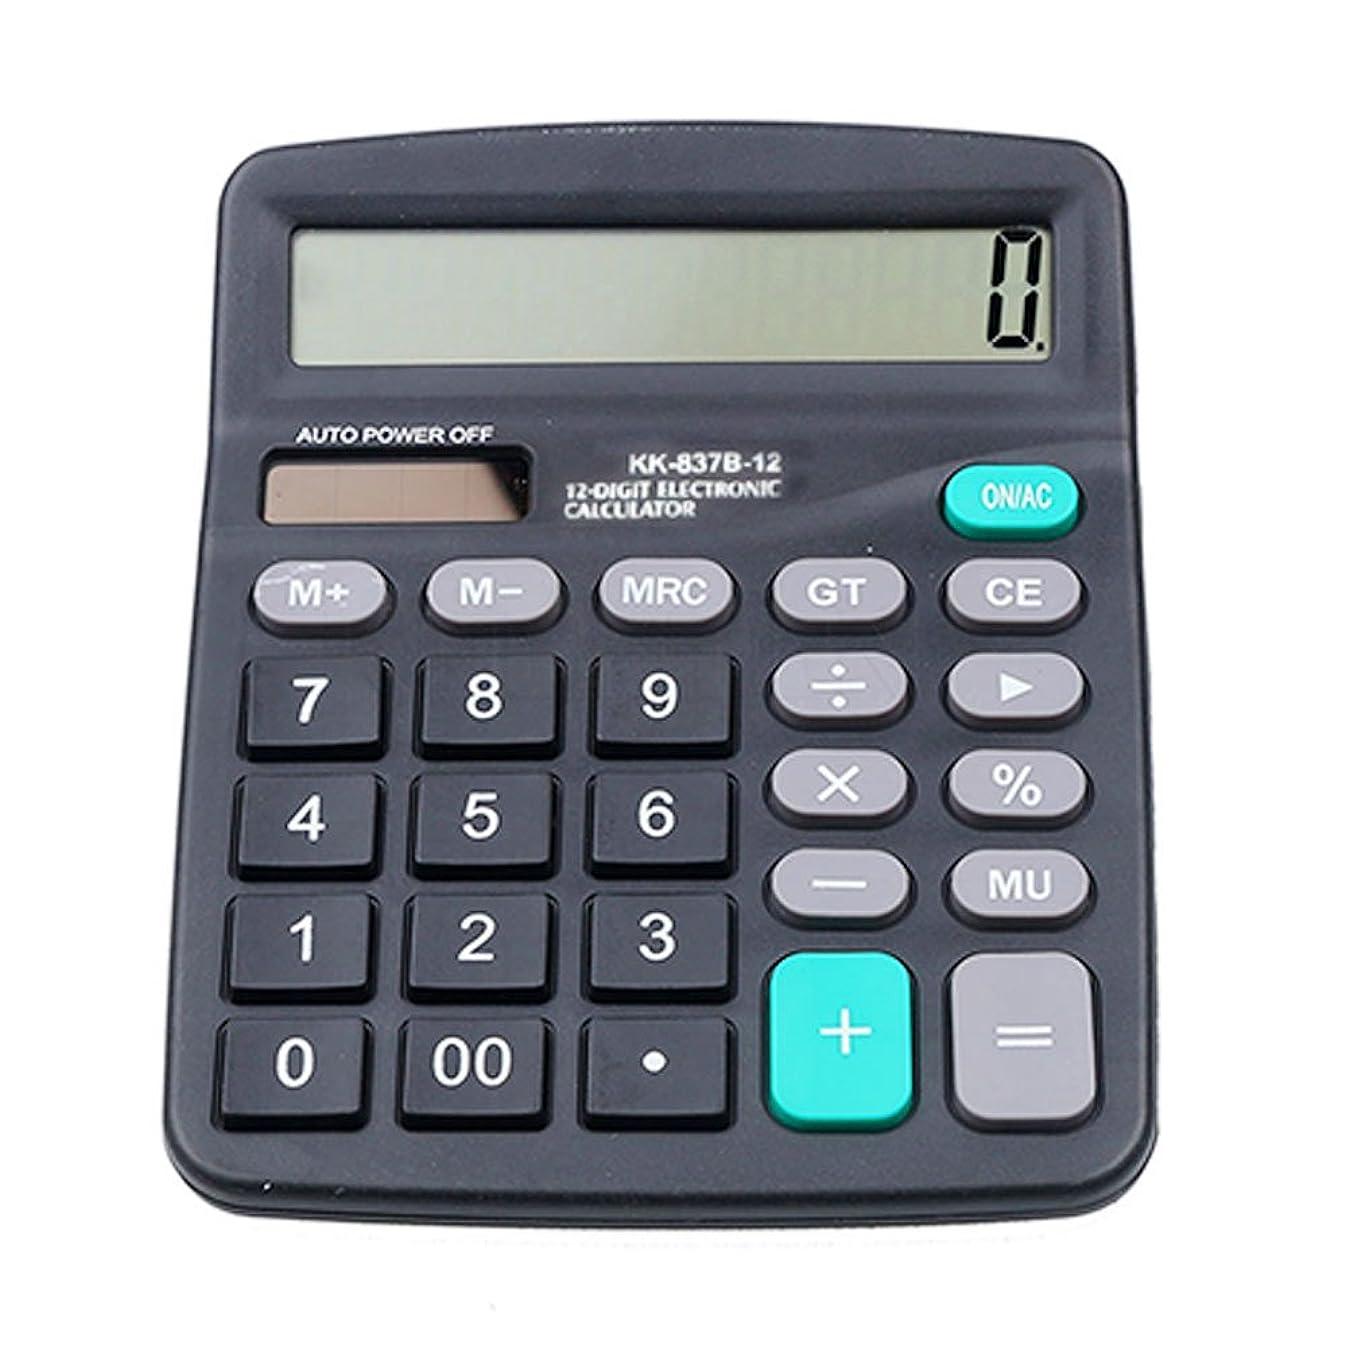 素敵な引退する相対性理論オフィスデスクトップ電卓ソーラーと電子計算機ポータブルバッテリ電源12桁電卓、大型LCD表示147?x 118?mm